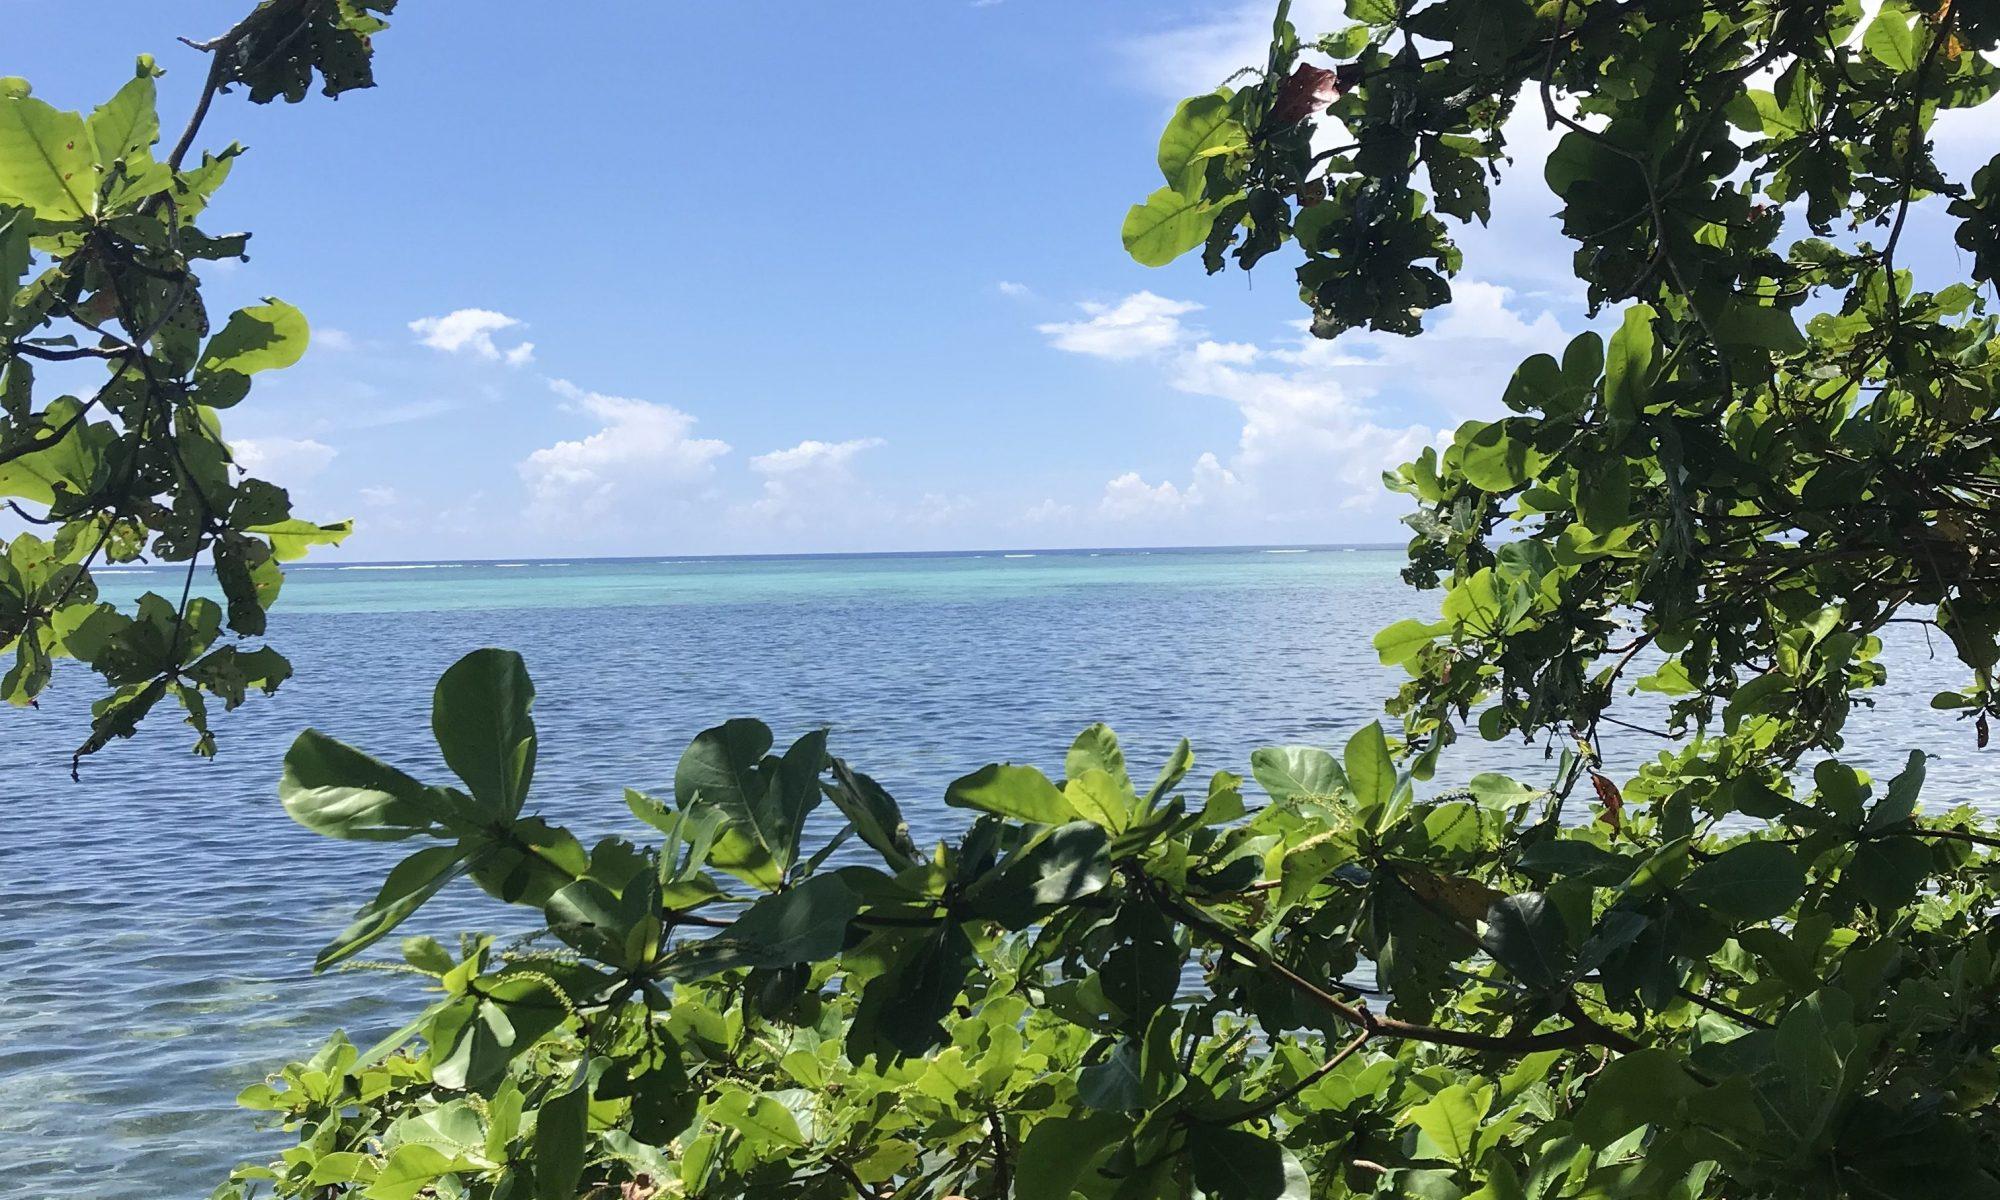 Palau 2019: Ridge to Reef